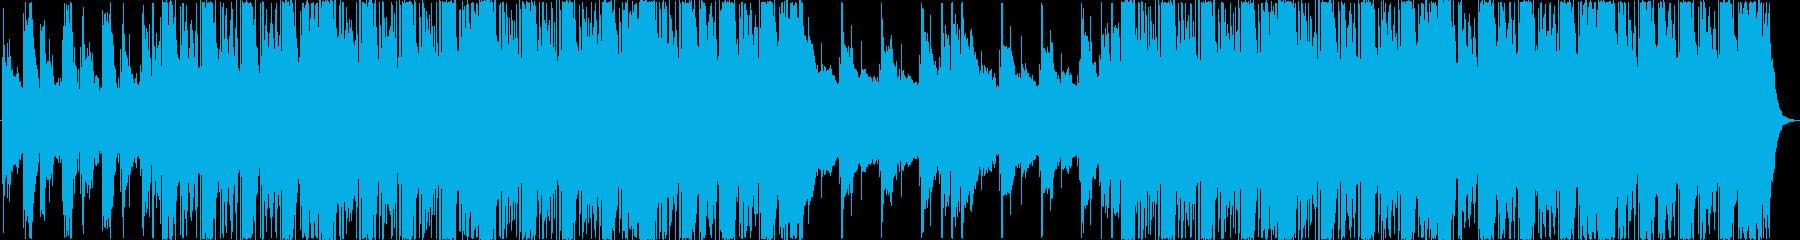 アルペジオが印象的なエレクトロニカBGMの再生済みの波形